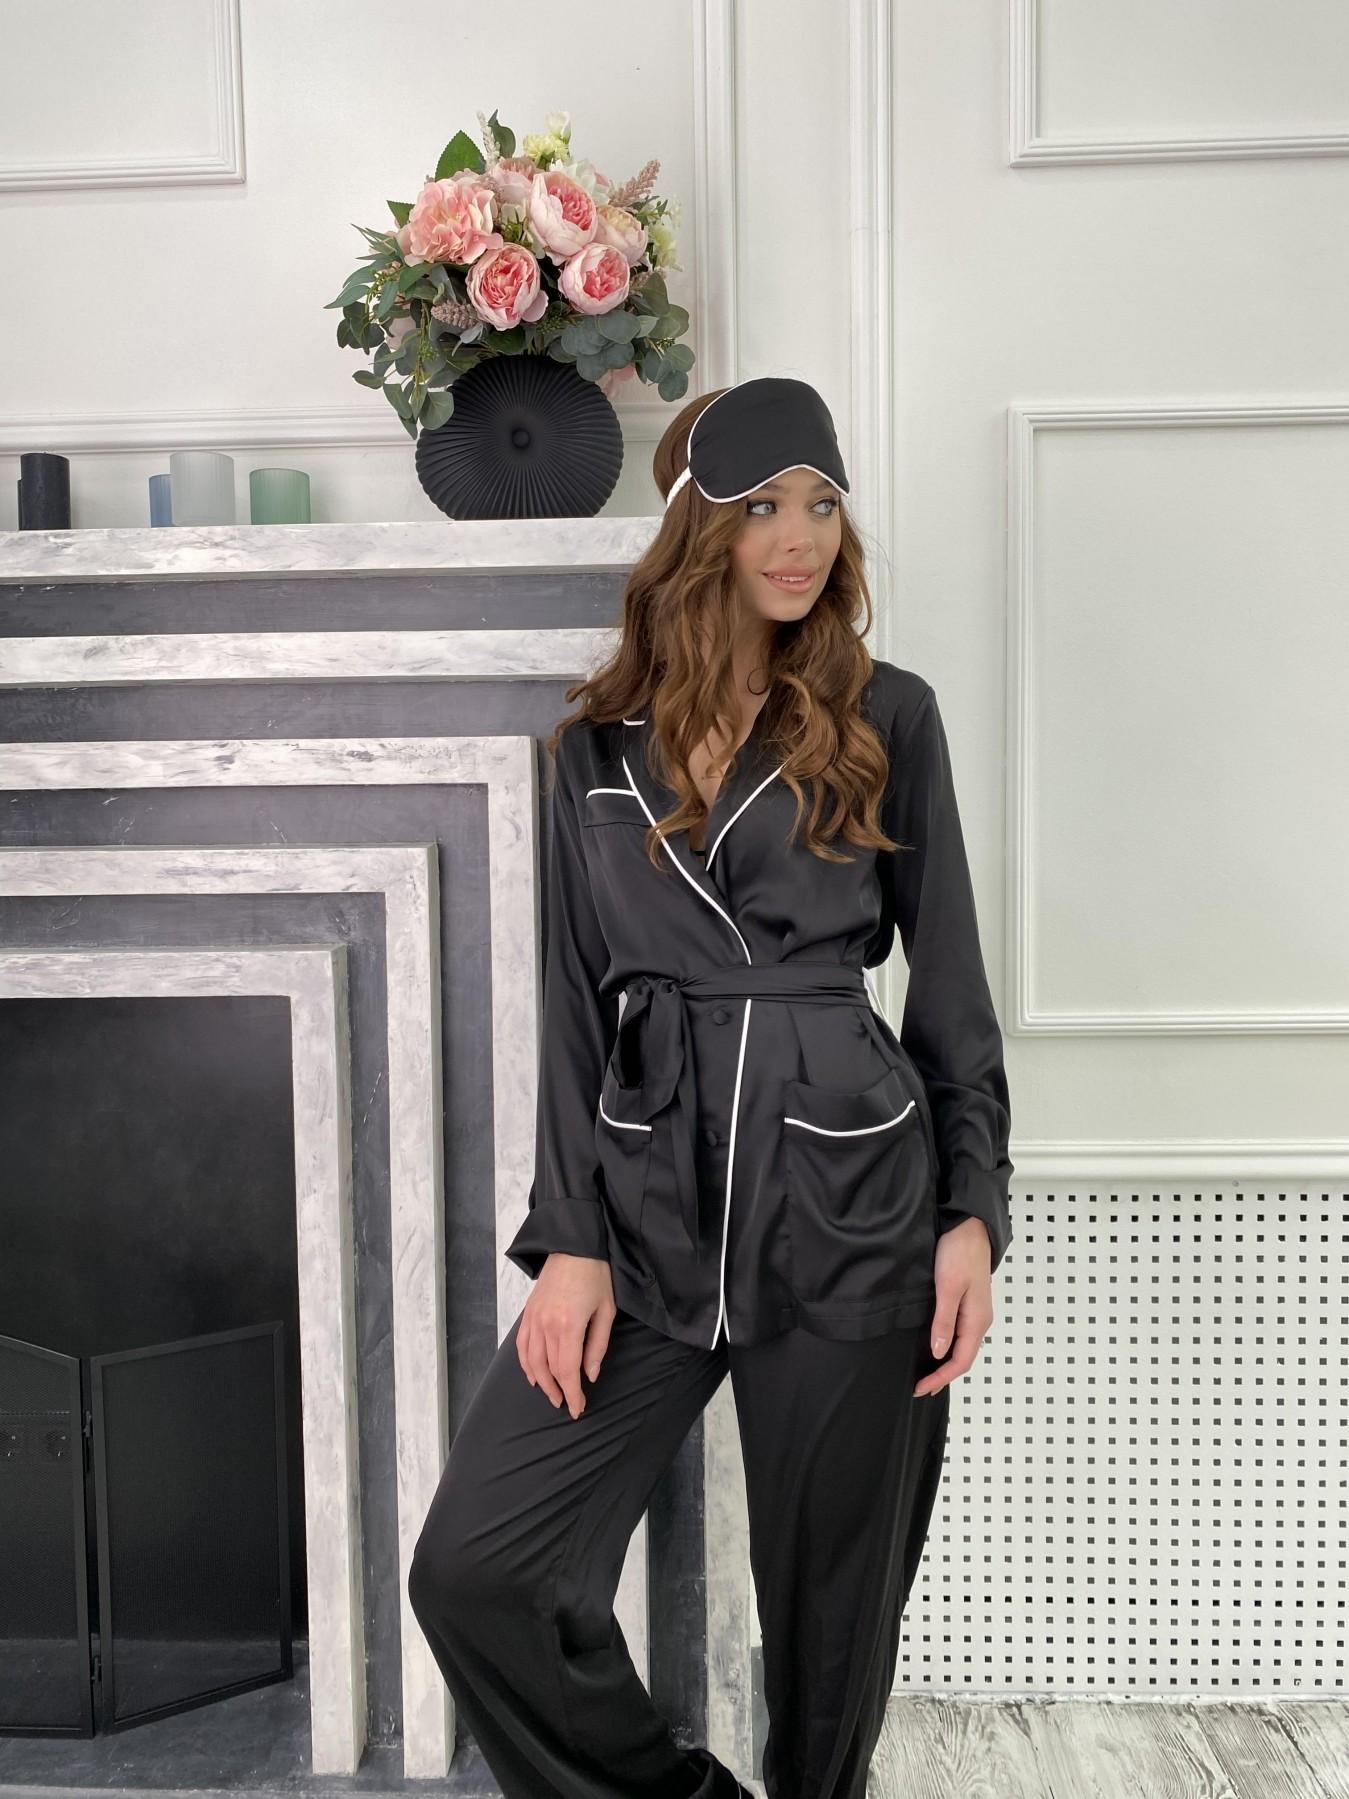 Шайн костюм из шелка  10778 АРТ. 47216 Цвет: Черный - фото 4, интернет магазин tm-modus.ru